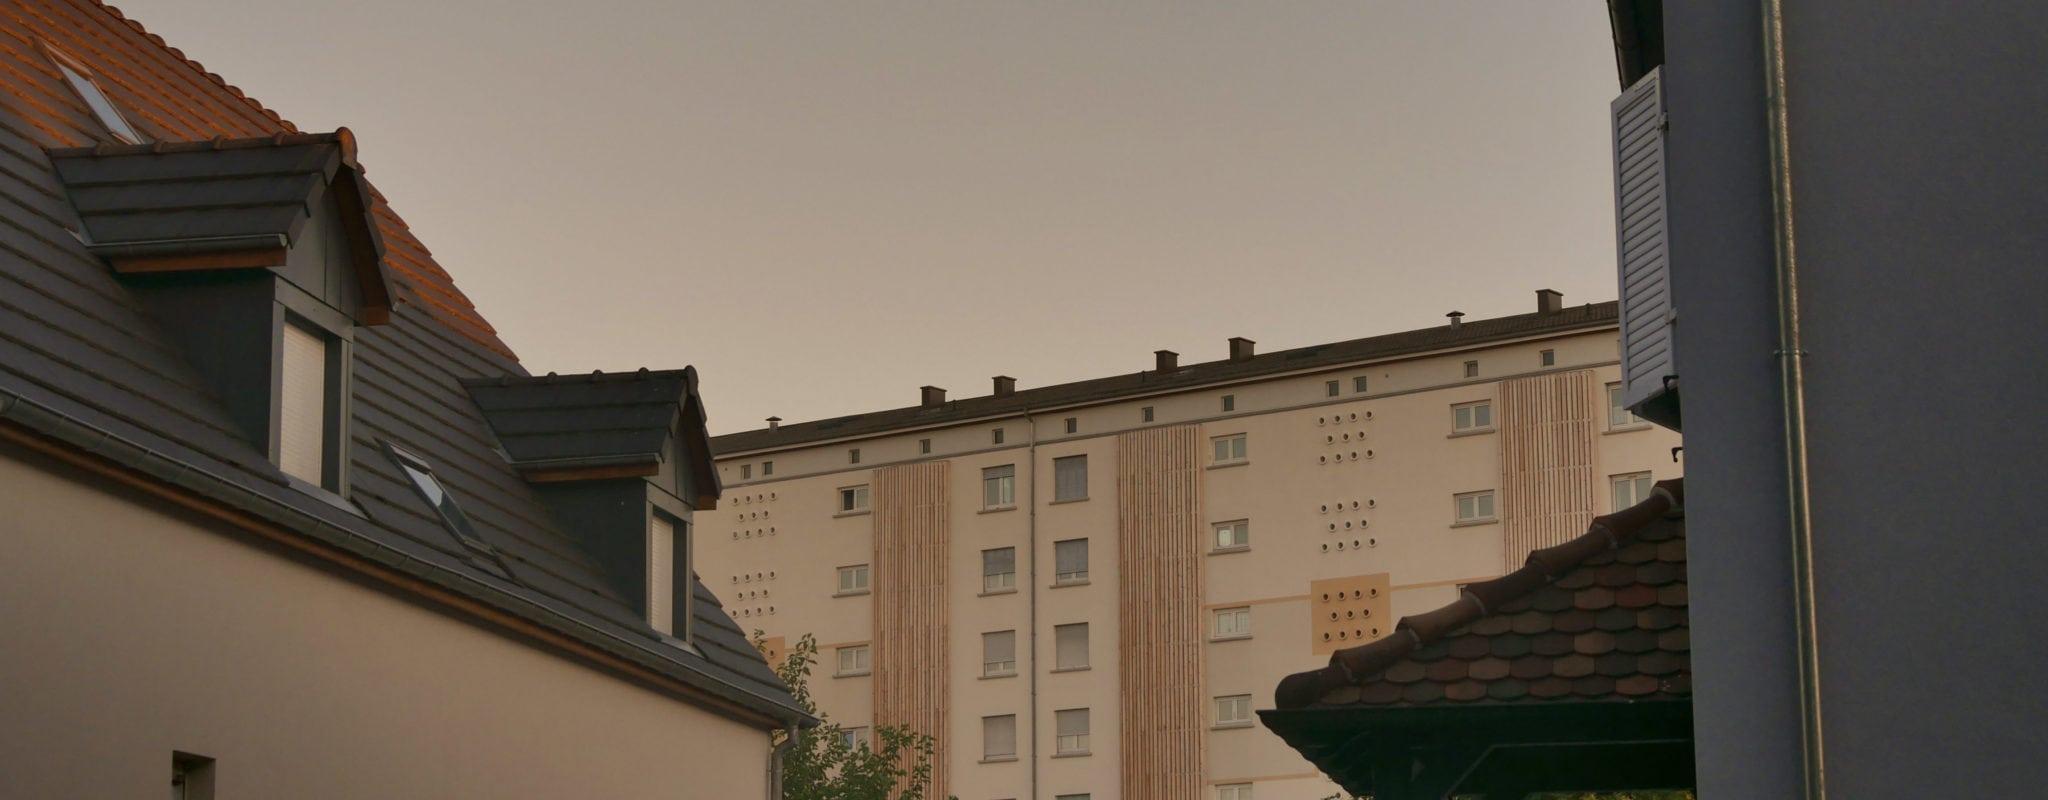 Au sud de Strasbourg, deux Meinau s'ignorent